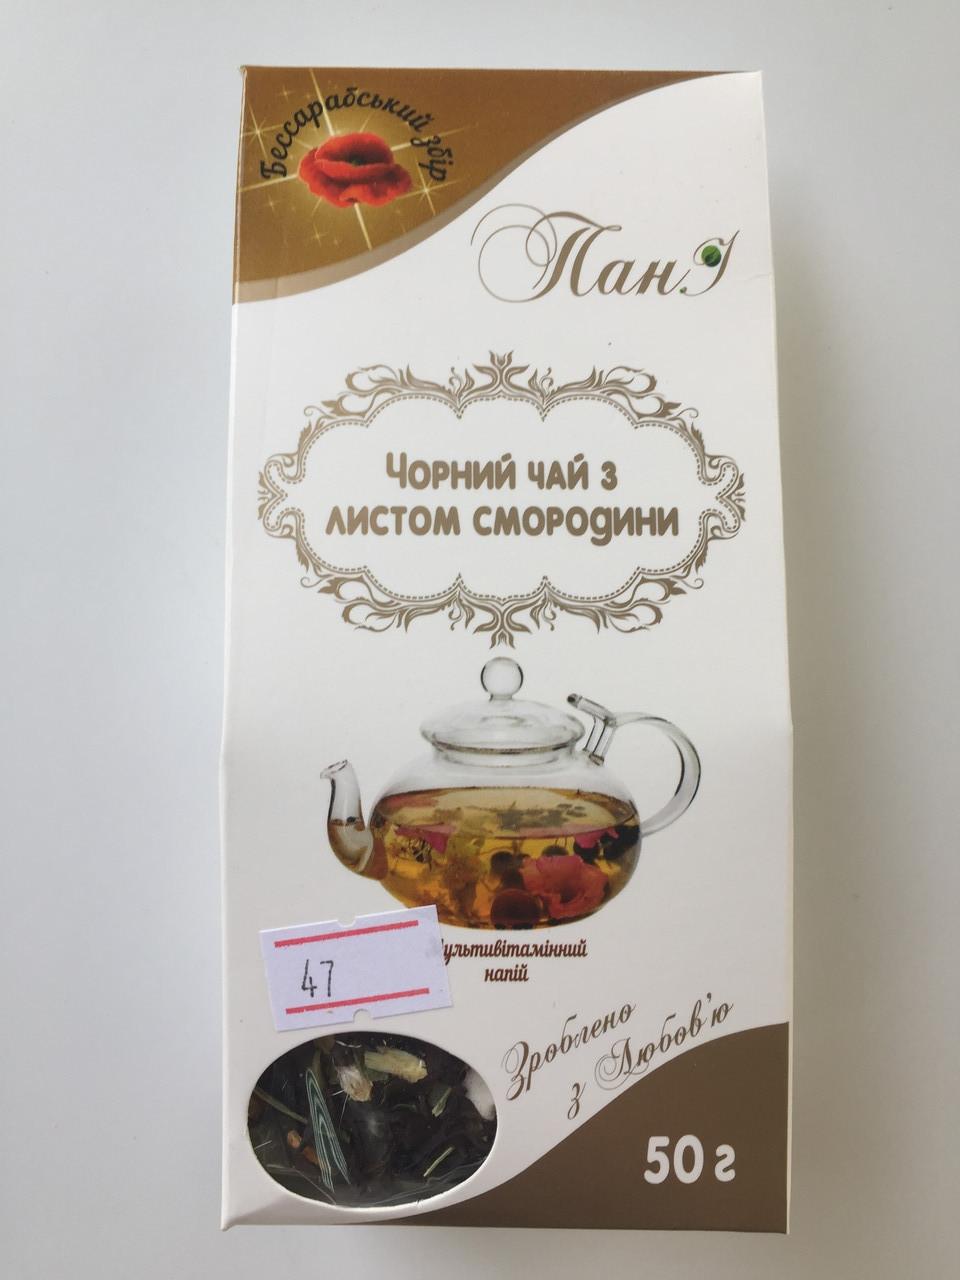 Черный чай с листьями смородины, 50г